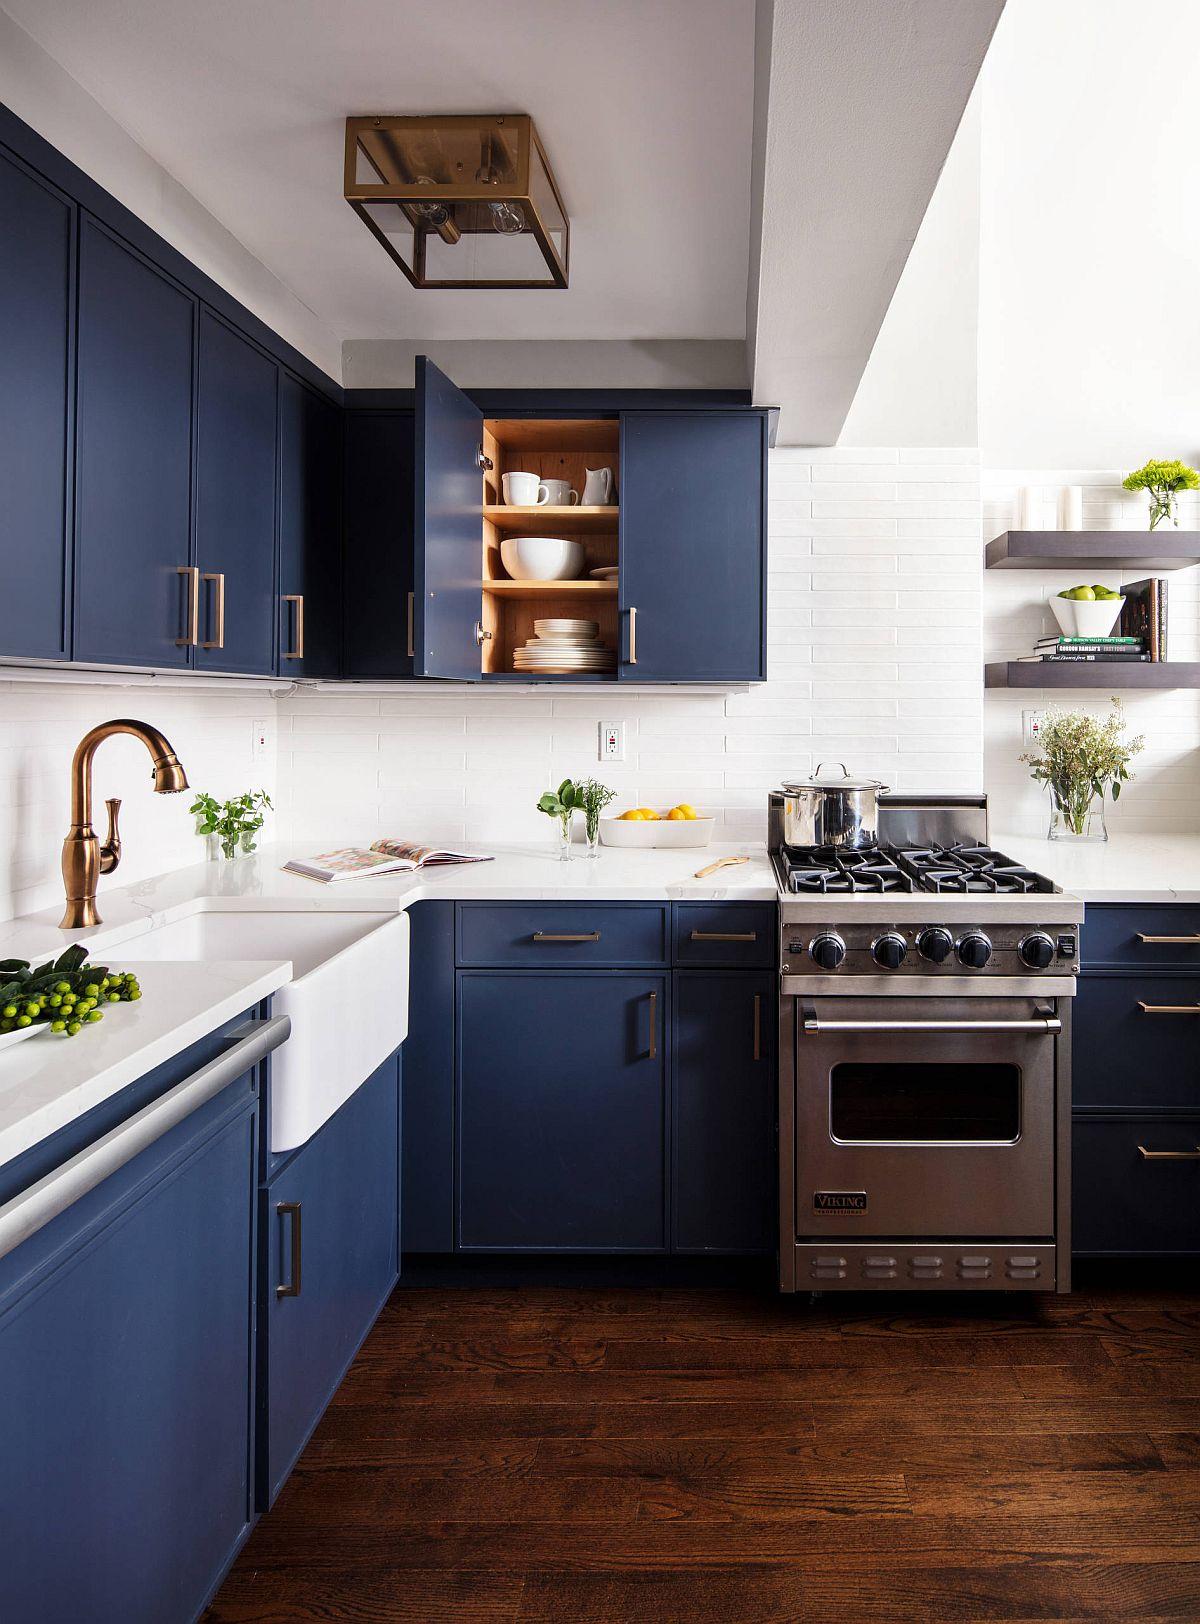 Những tông màu nổi bần bật nhiều người yêu thích lựa chọn trang trí cho căn bếp nhà mình - Ảnh 4.